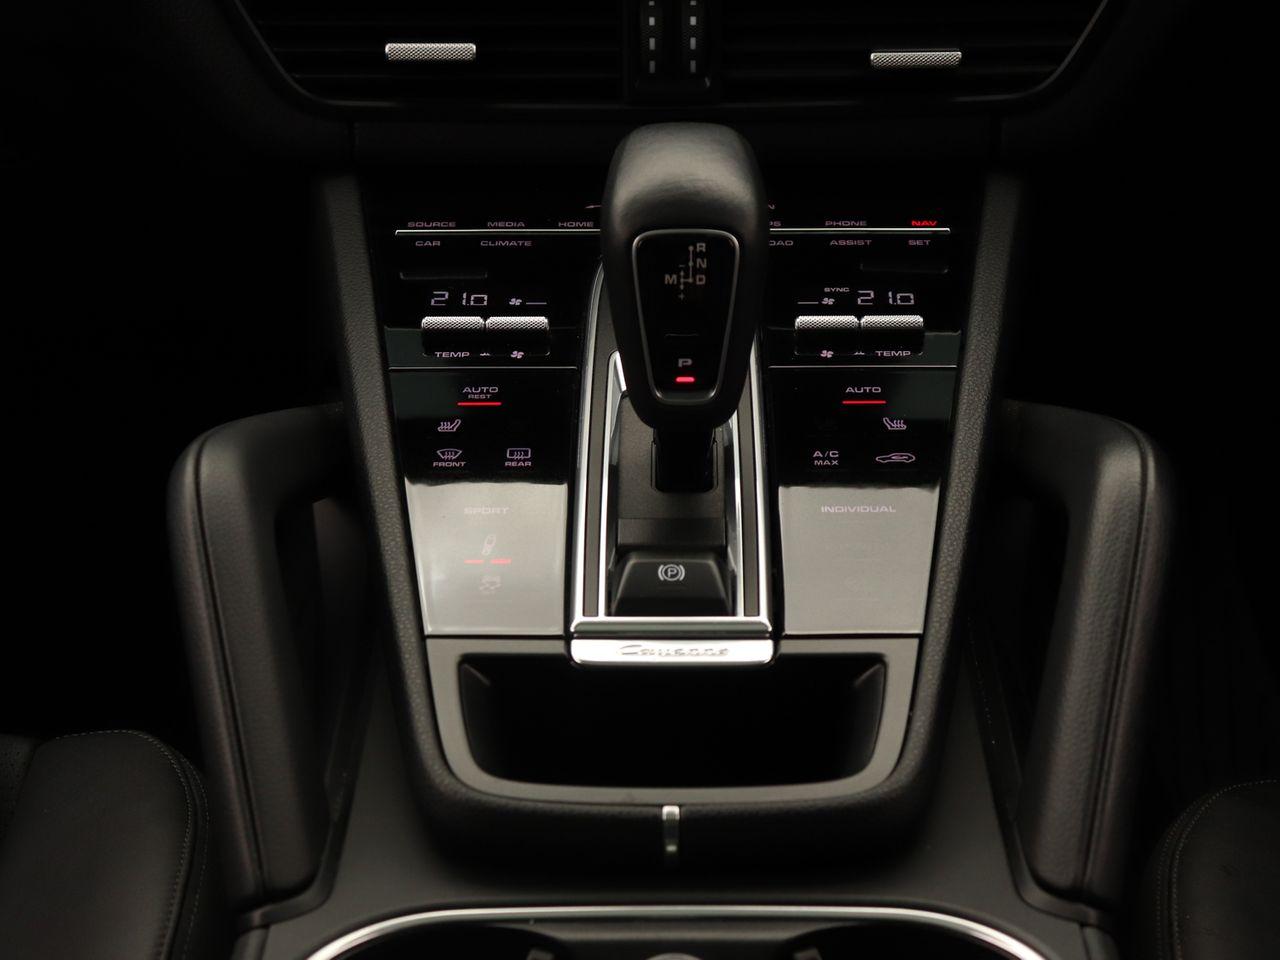 Cayenne V6 S TIPTRONIC (21) image 25